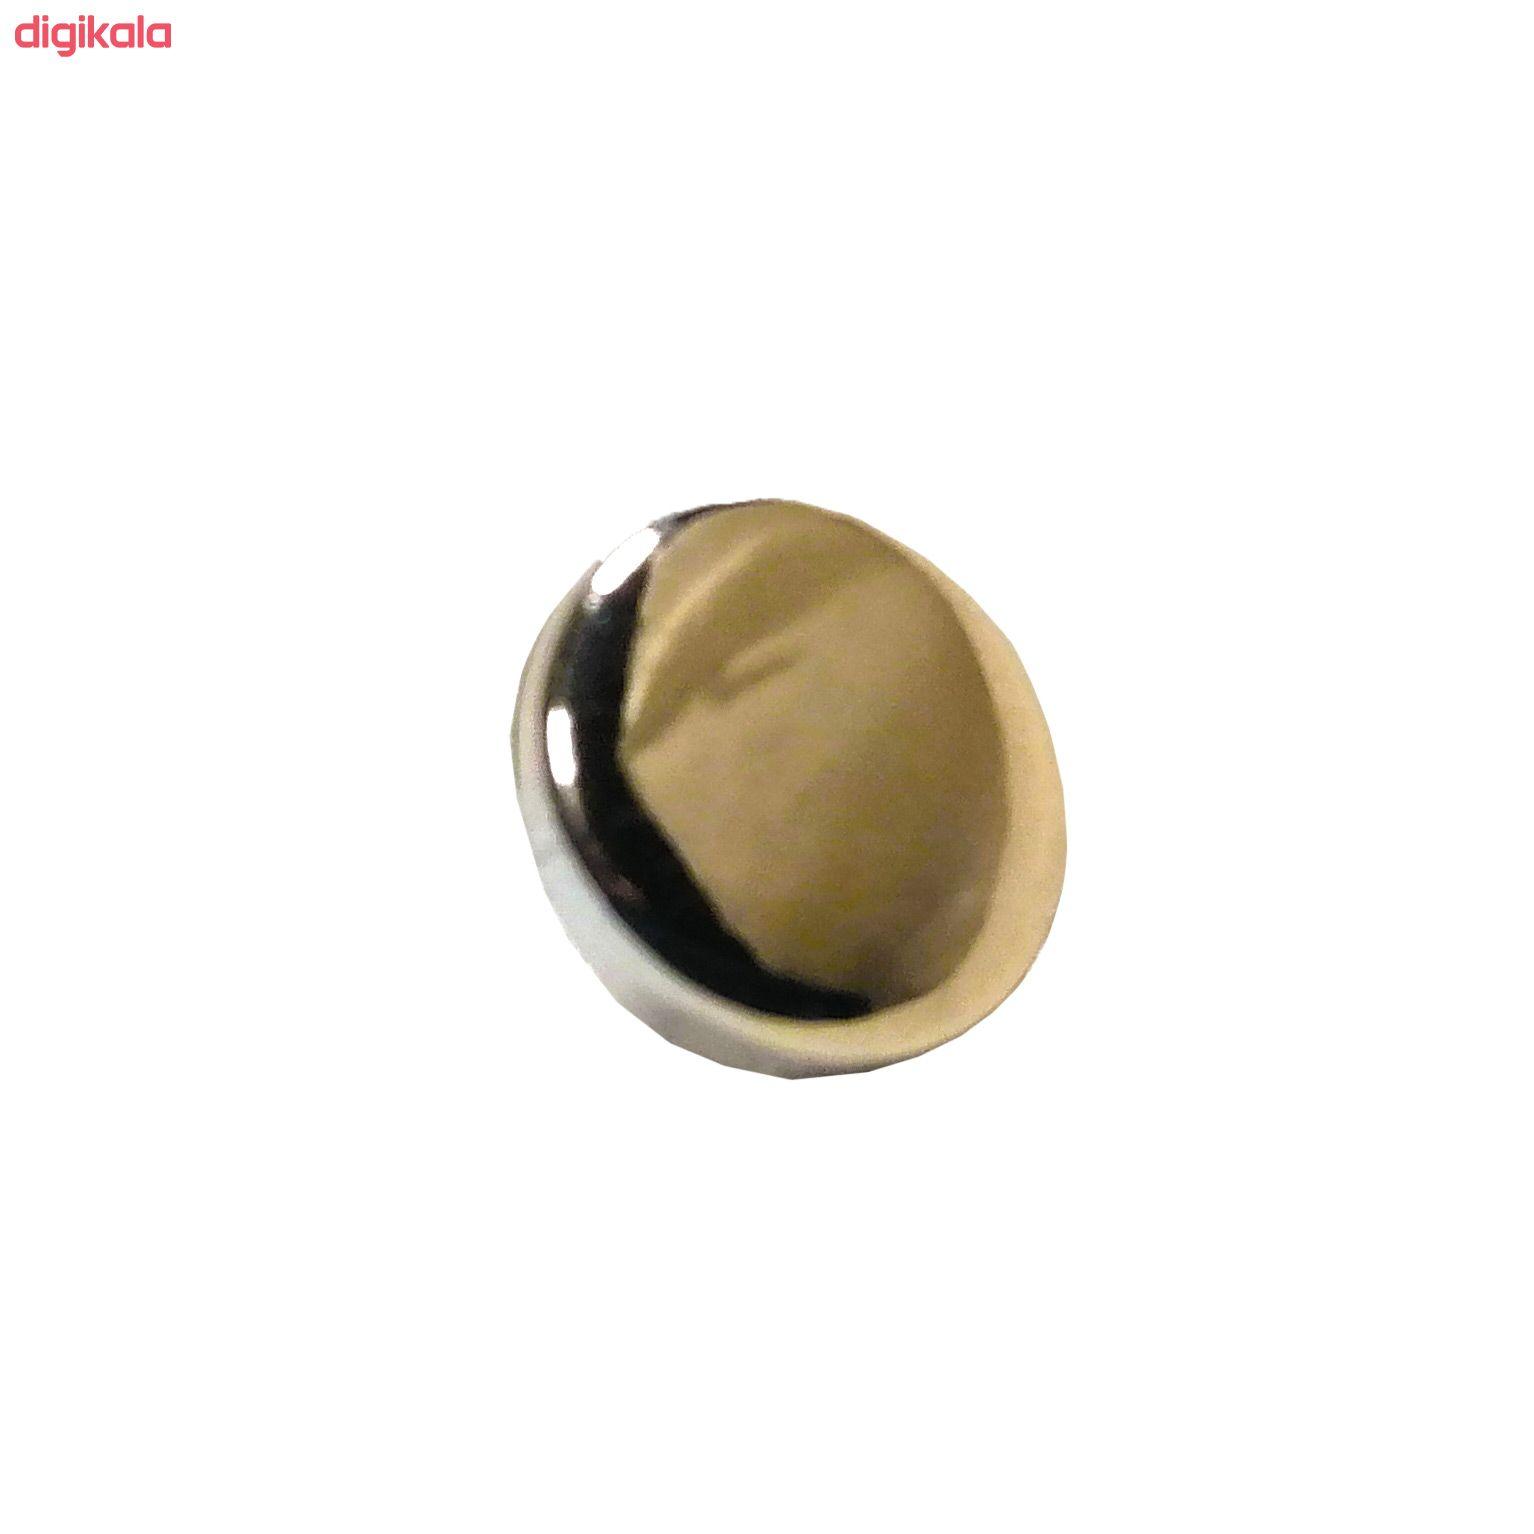 دکمه کد 16 بسته 20 عددی main 1 4